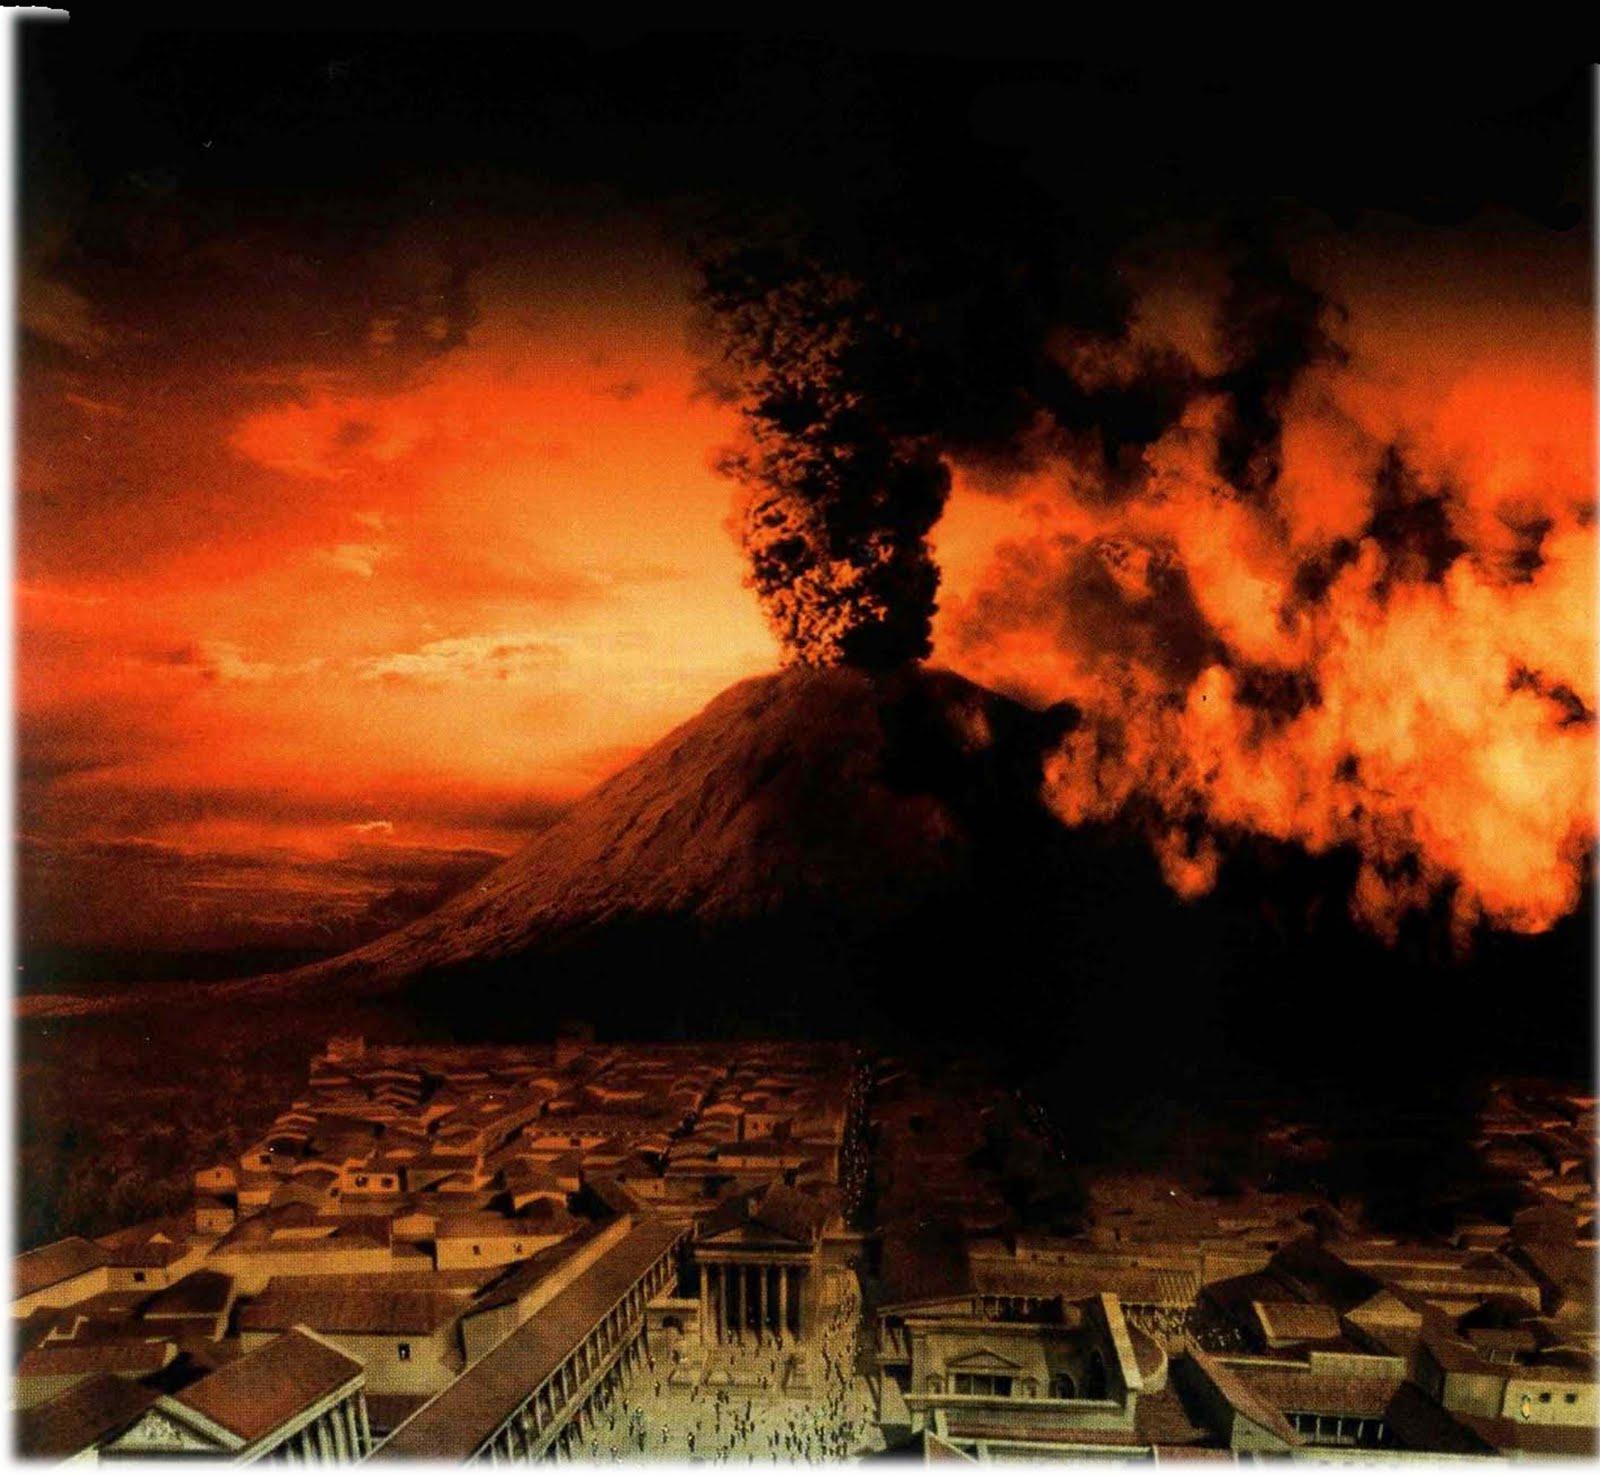 finales de 2015 o inicios de 2016, se daría una erupción del